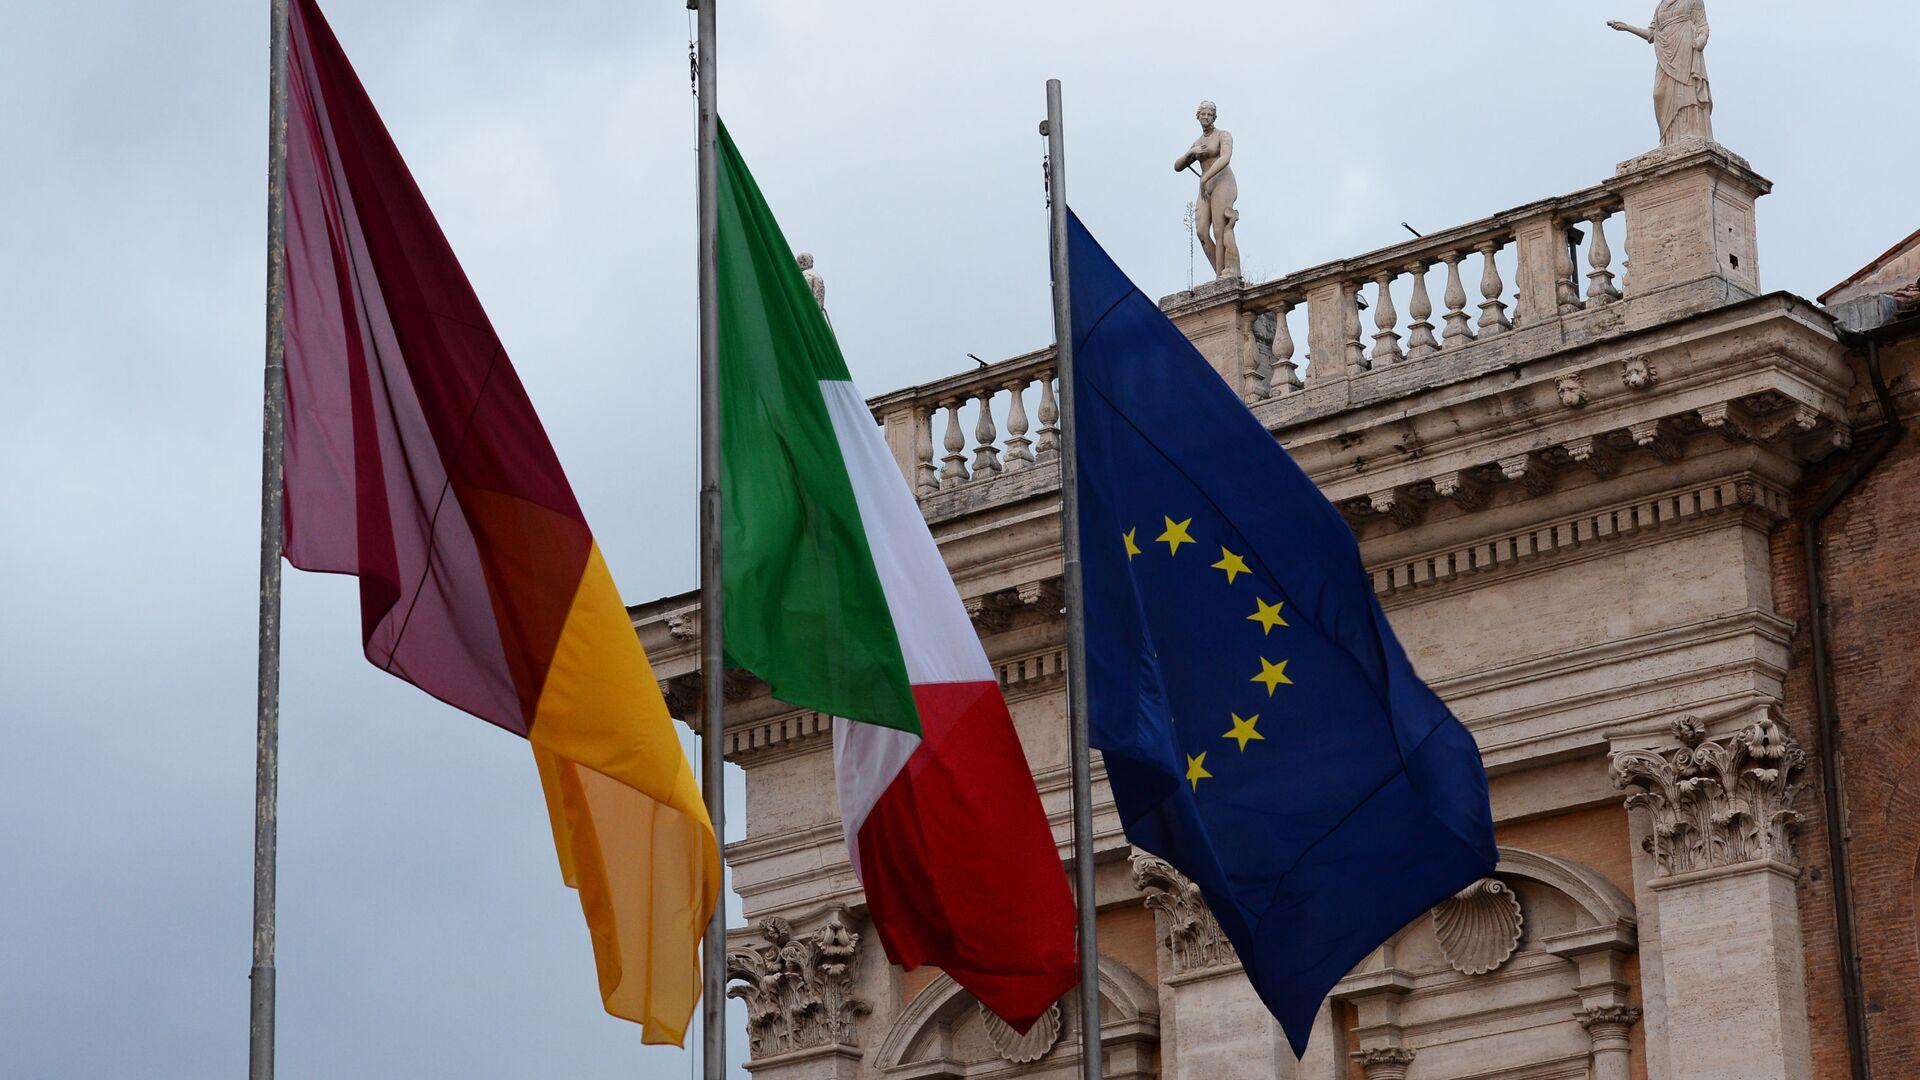 Le bandiere di Roma, Italia e UE alla piazza del Campidoglio a Roma - Sputnik Italia, 1920, 22.03.2021